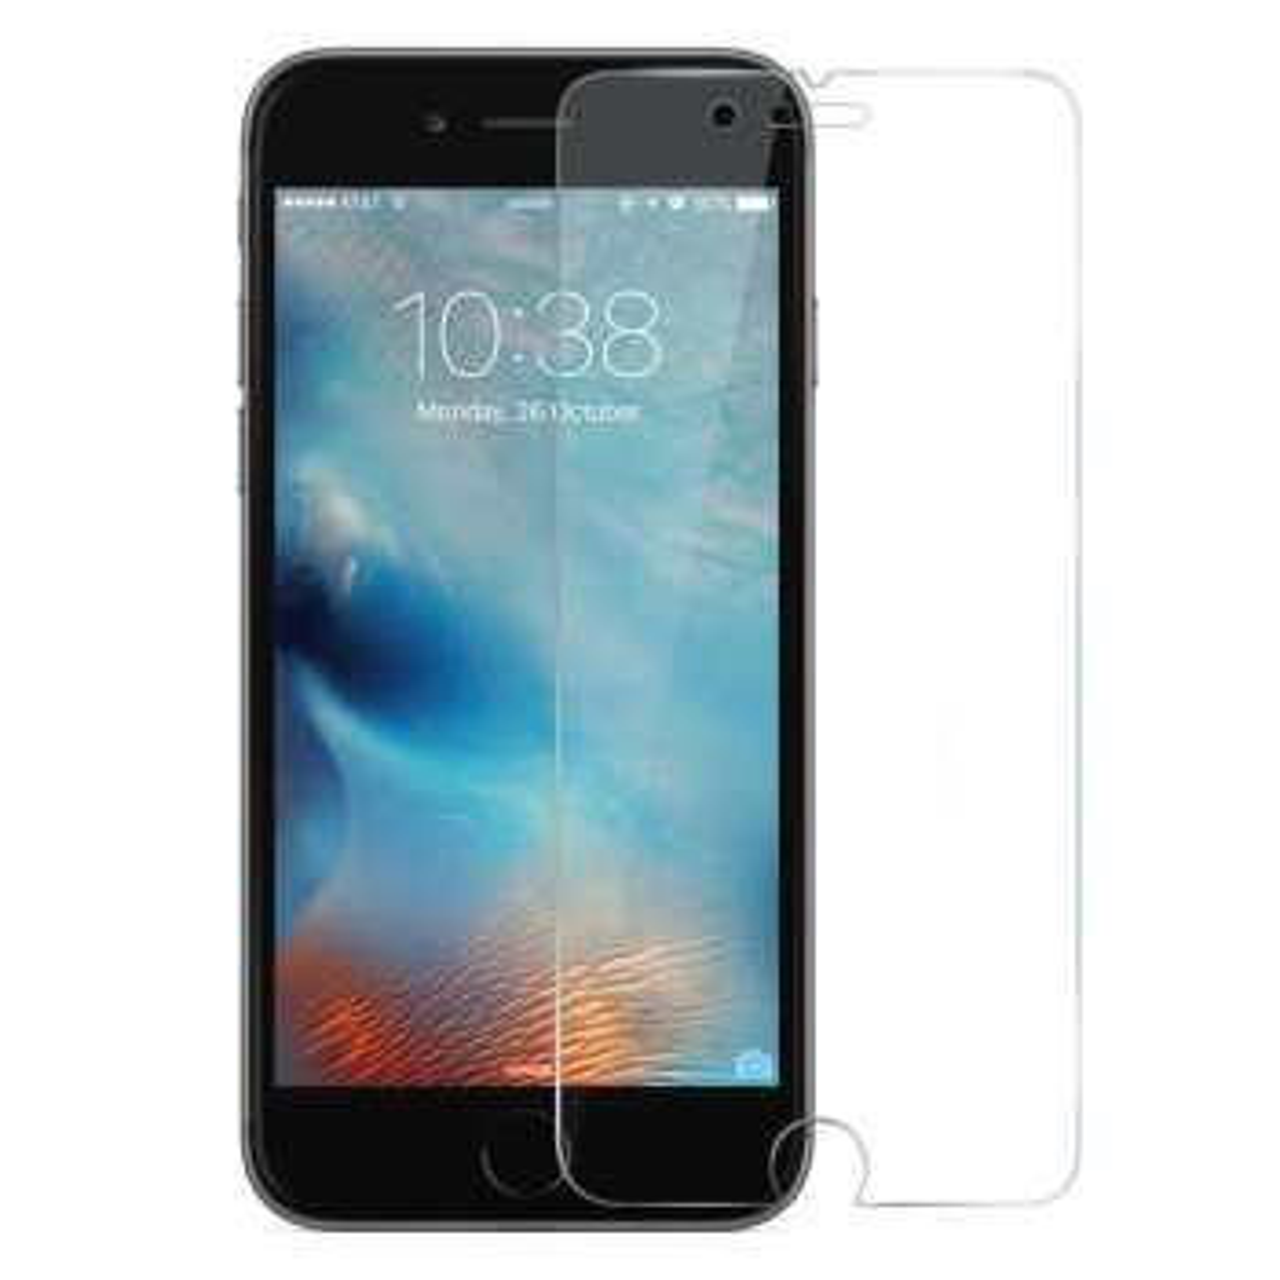 محافظ صفحه نمایش شیشه ای مدل پرمیوم مناسب برای گوشی موبایل اپل آیفون X